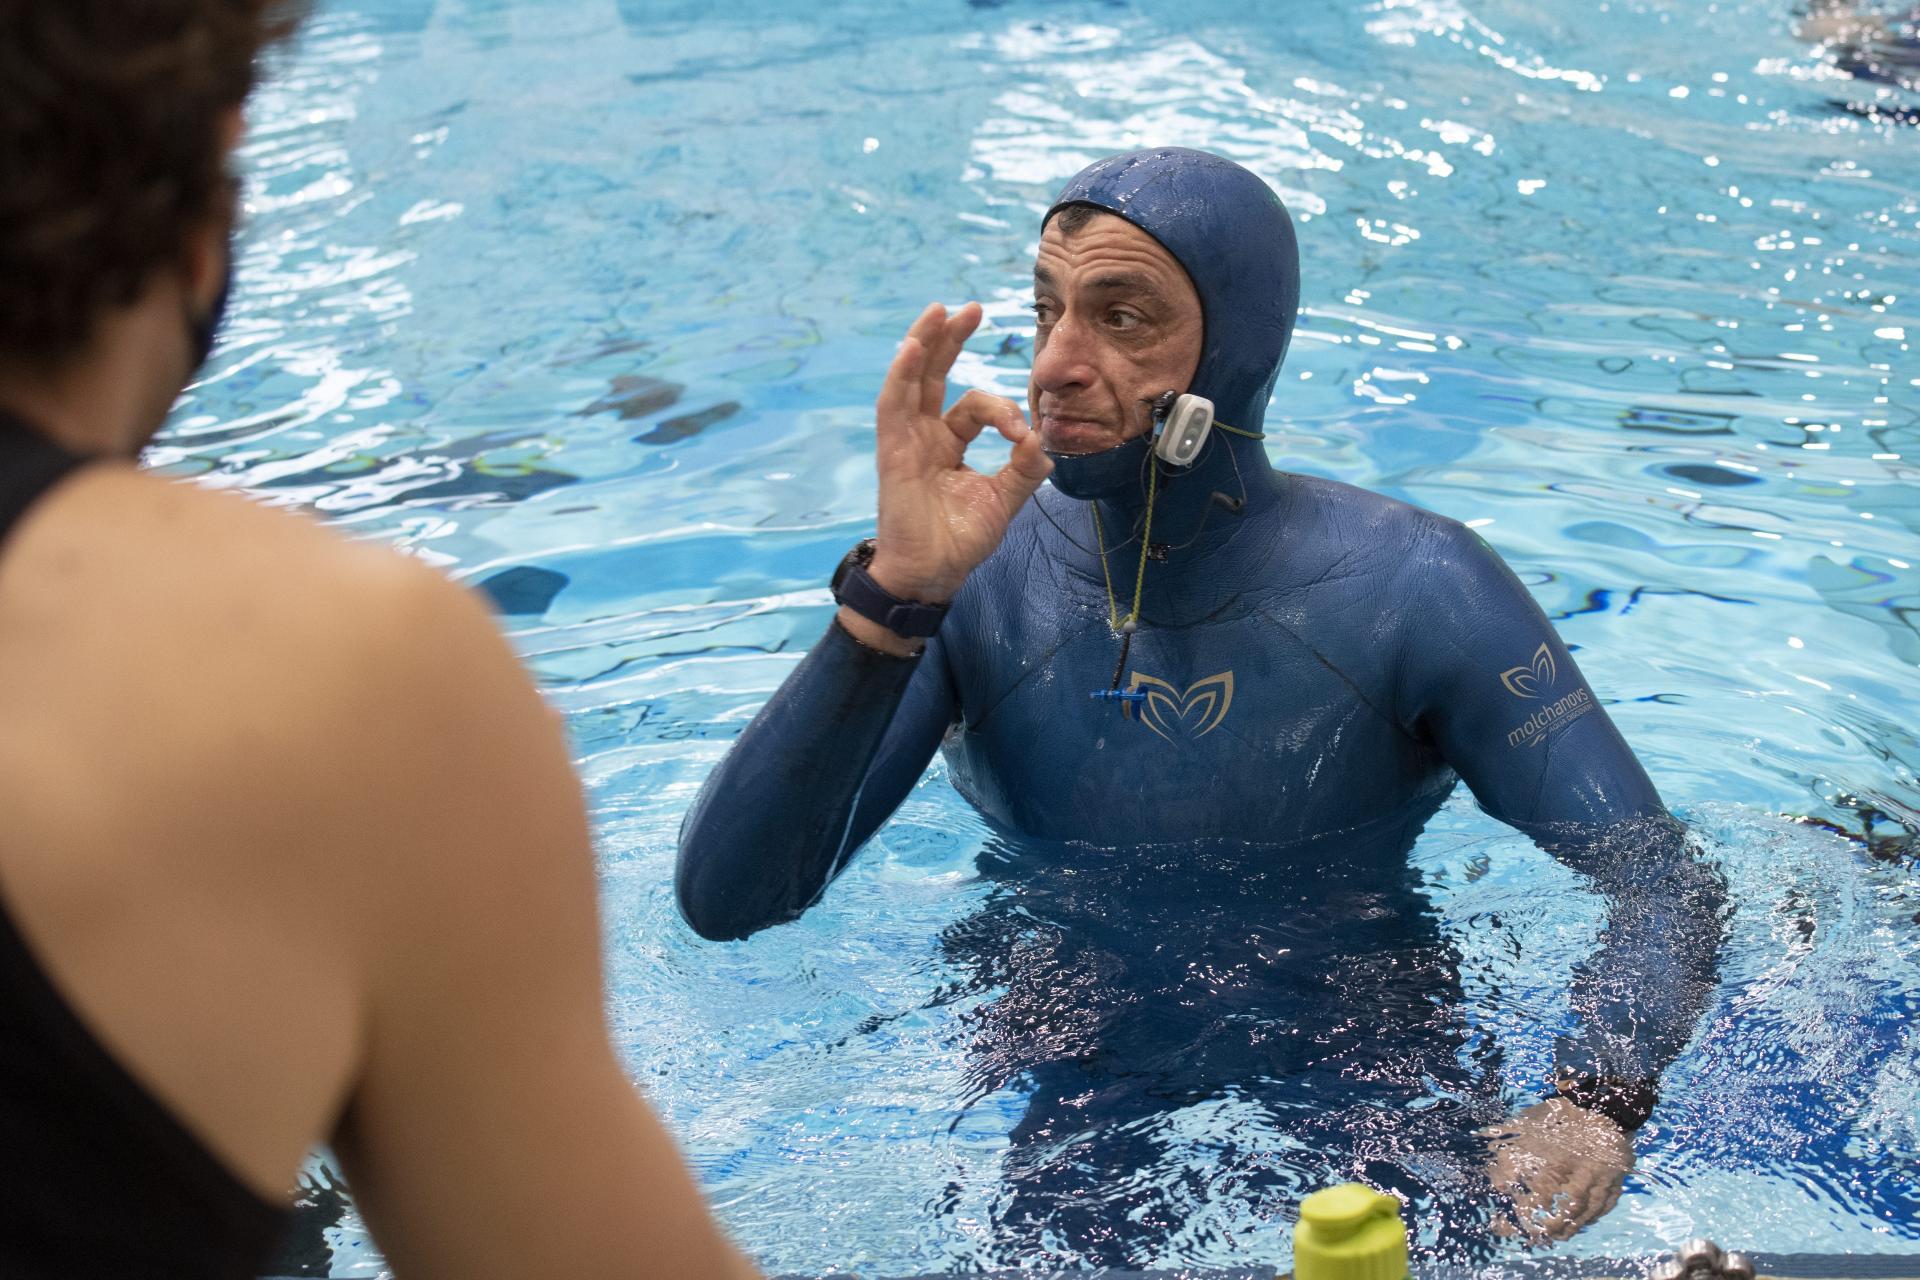 غطاس كرواتى 54 عاما يحبس أنفاسه أكثر من 24 دقيقه تحت الماء (2)